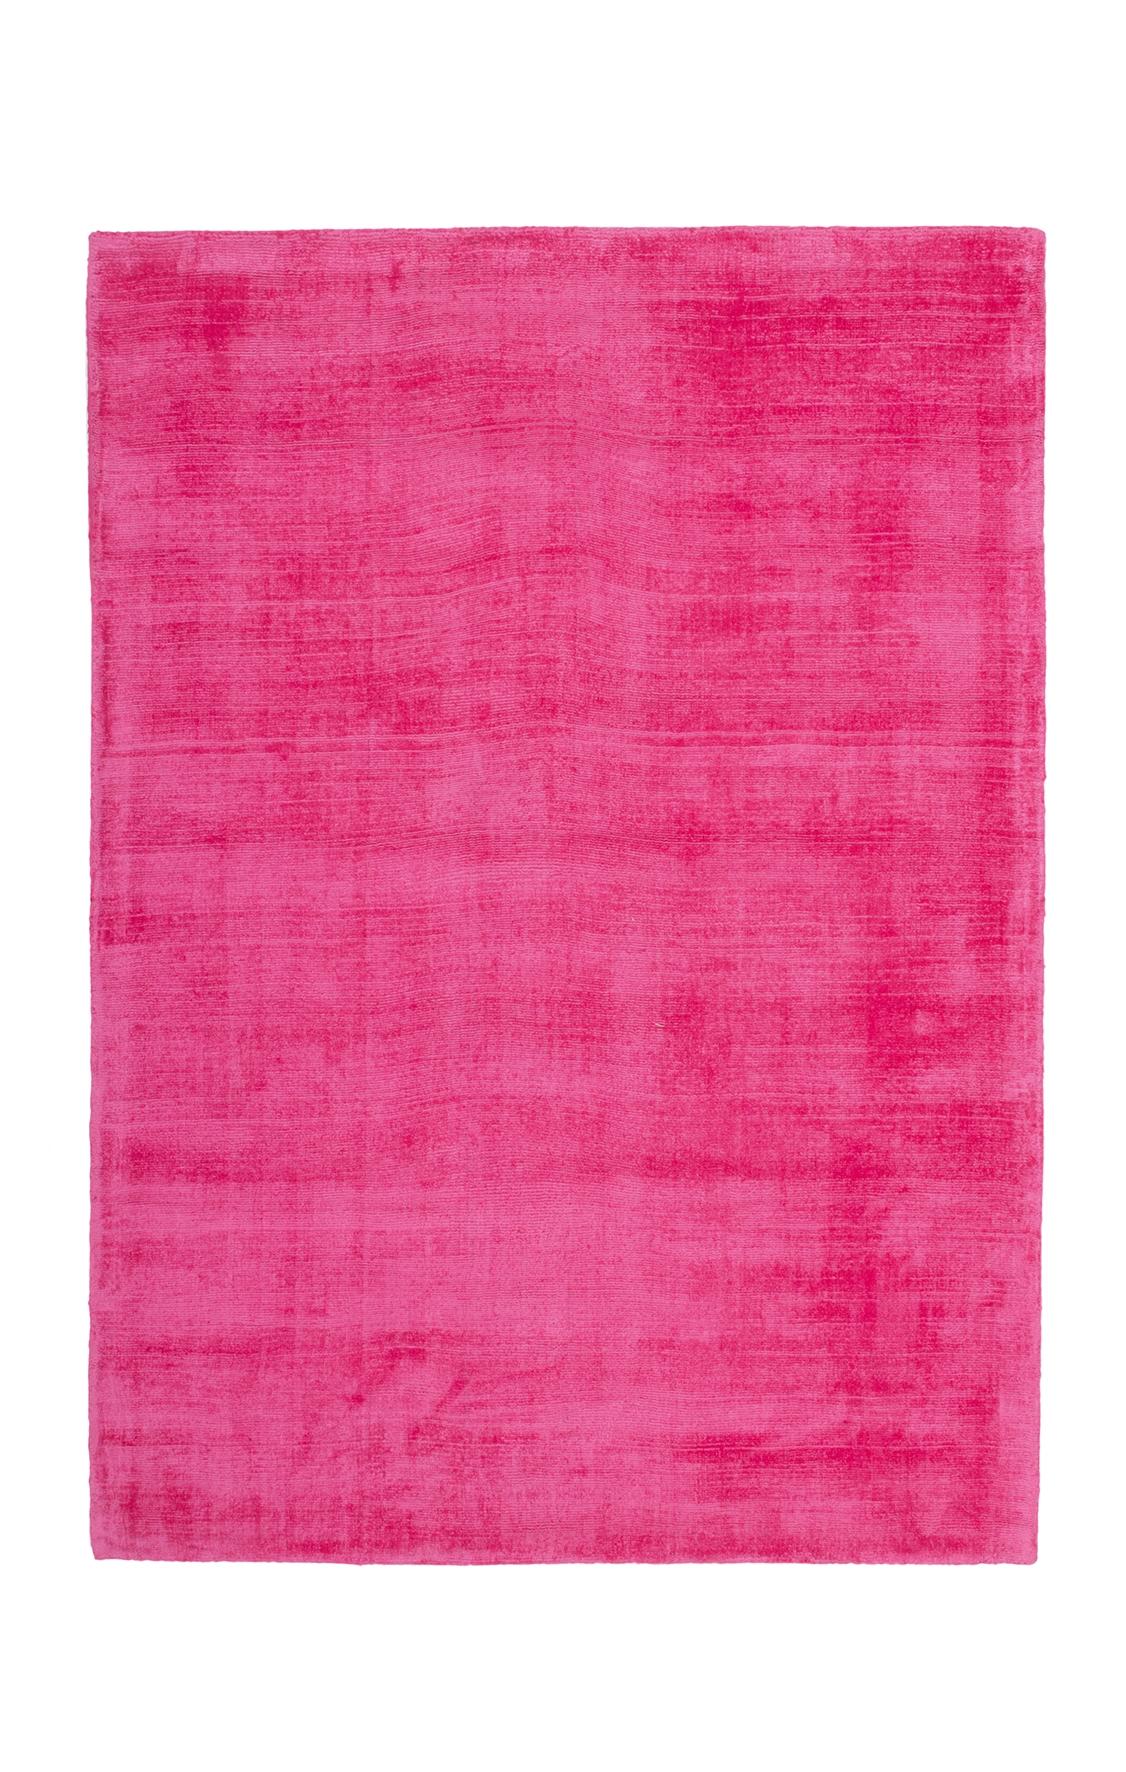 Obsession koberce Ručně tkaný kusový koberec MAORI 220 PINK - 80x150 cm Růžová